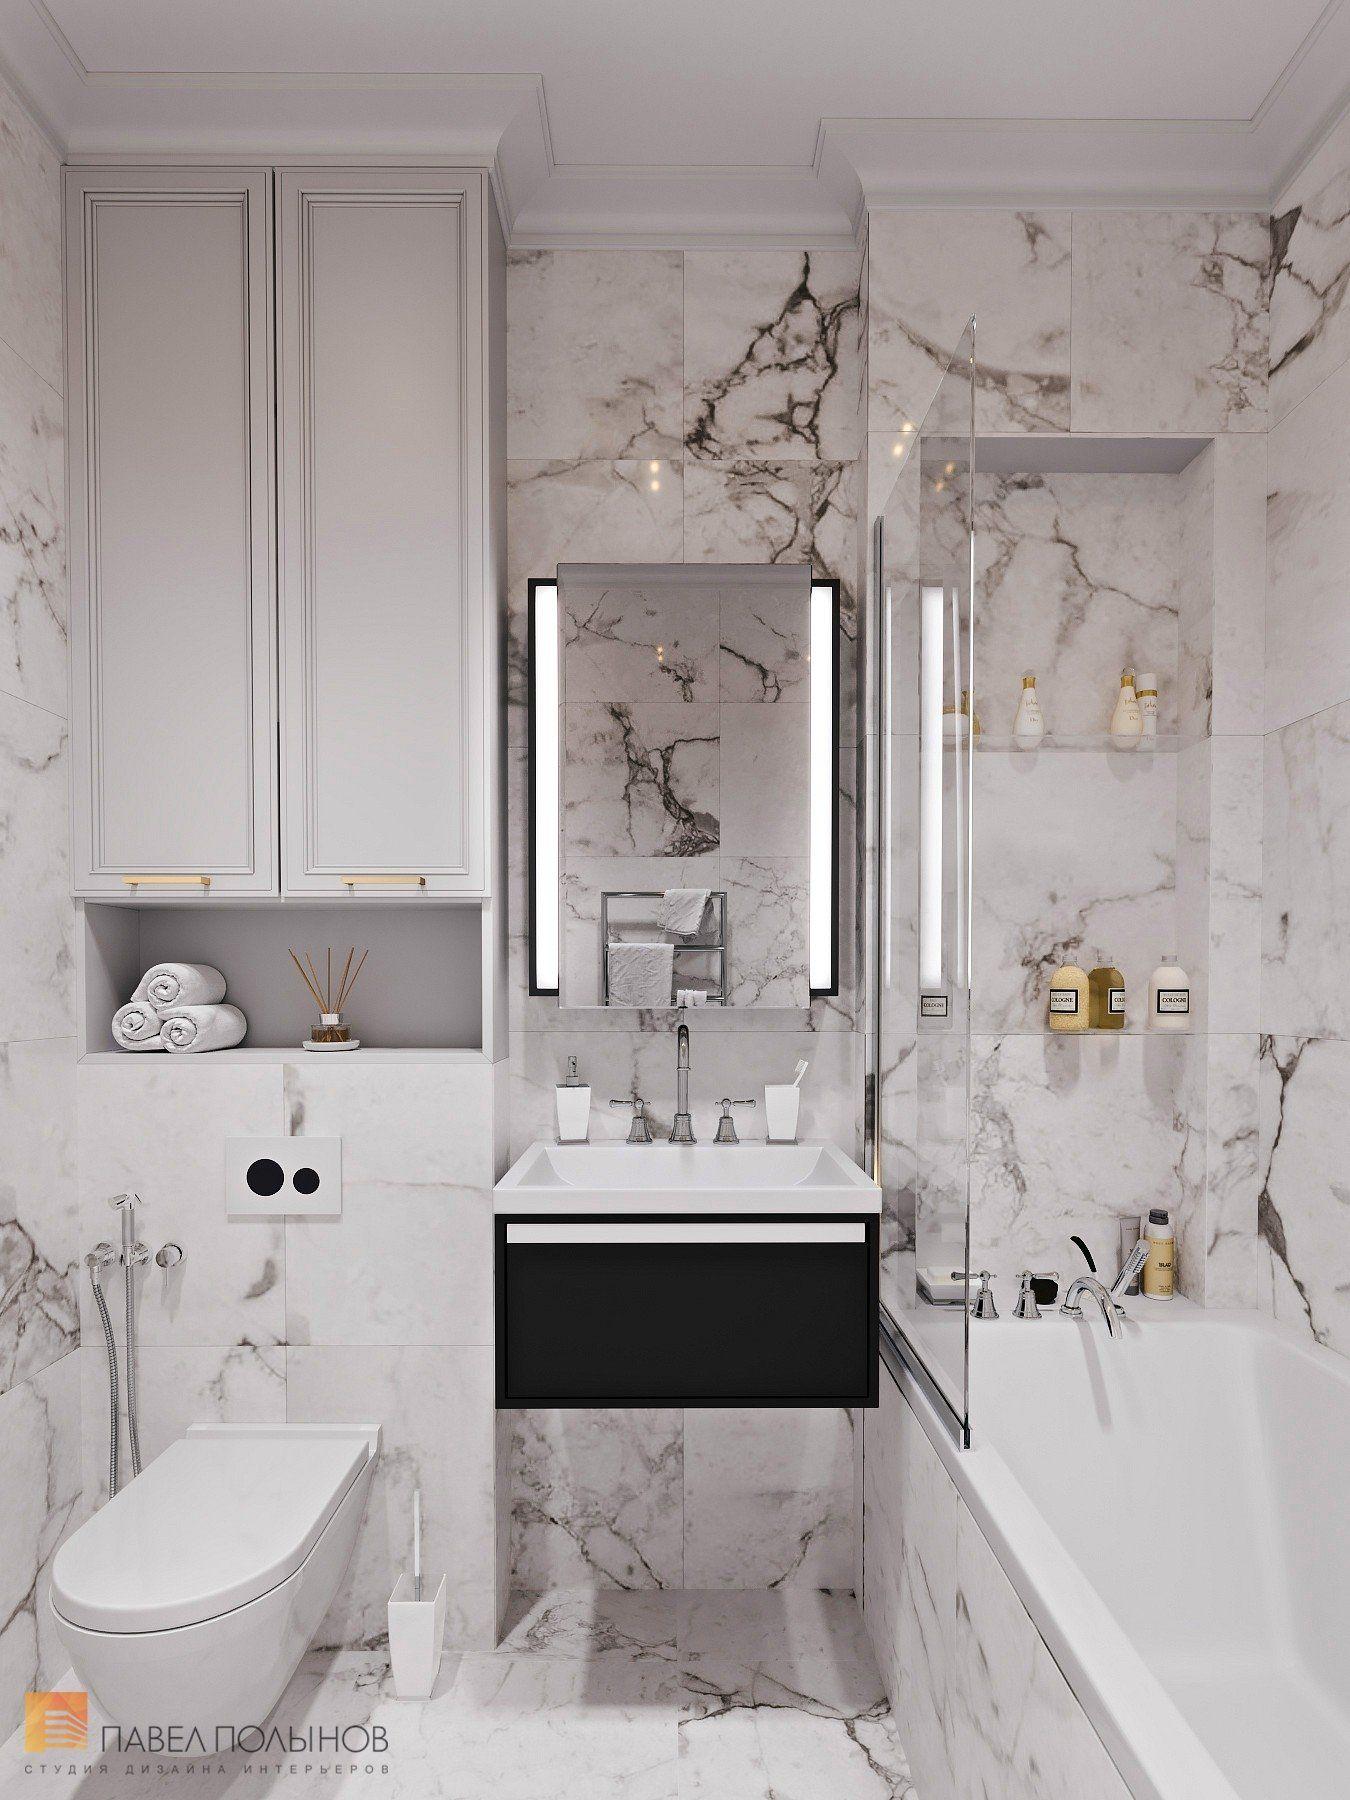 Ванные комнаты в современном стиле фото - 450 тыс - идеи дизайна ванной